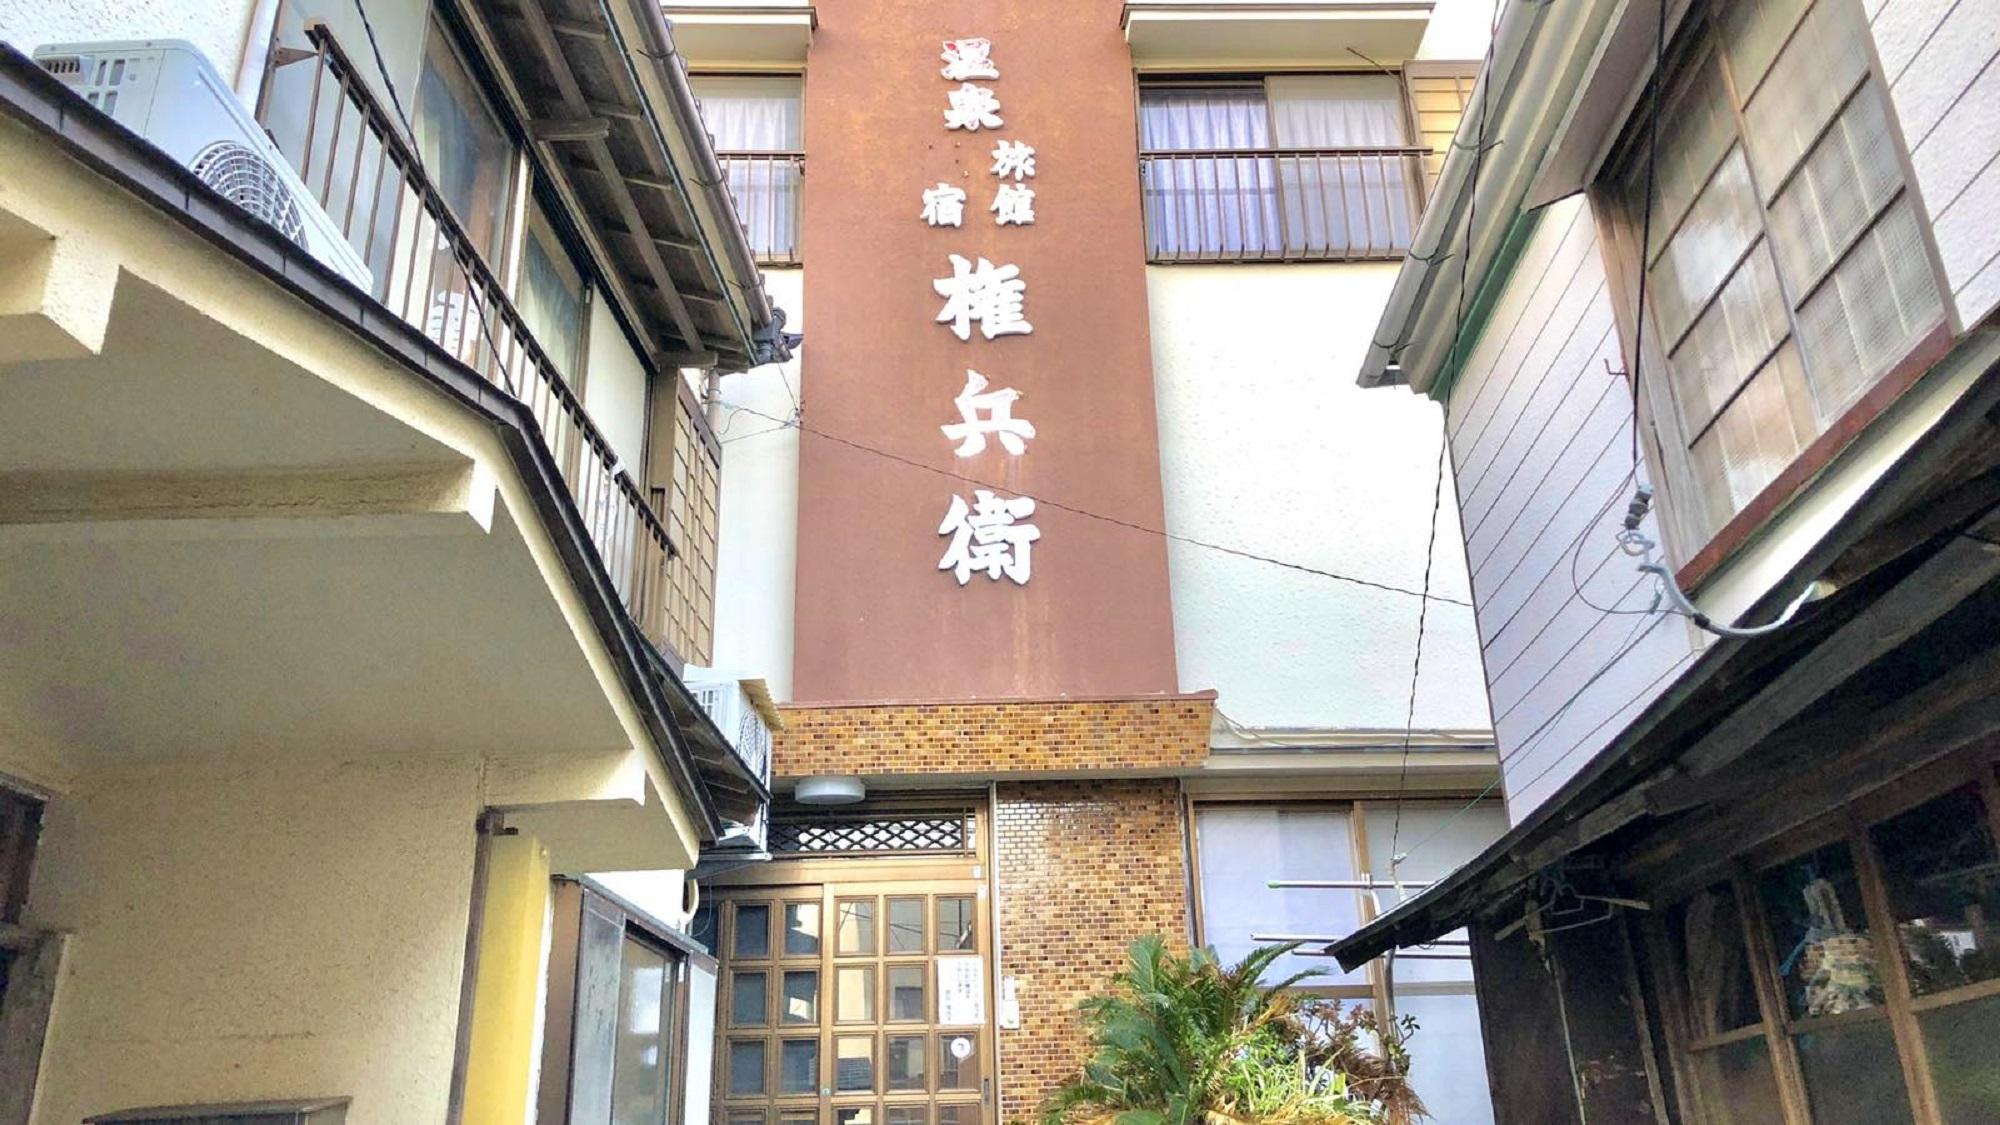 伊豆下田・須崎 温泉民宿 「権兵衛」...